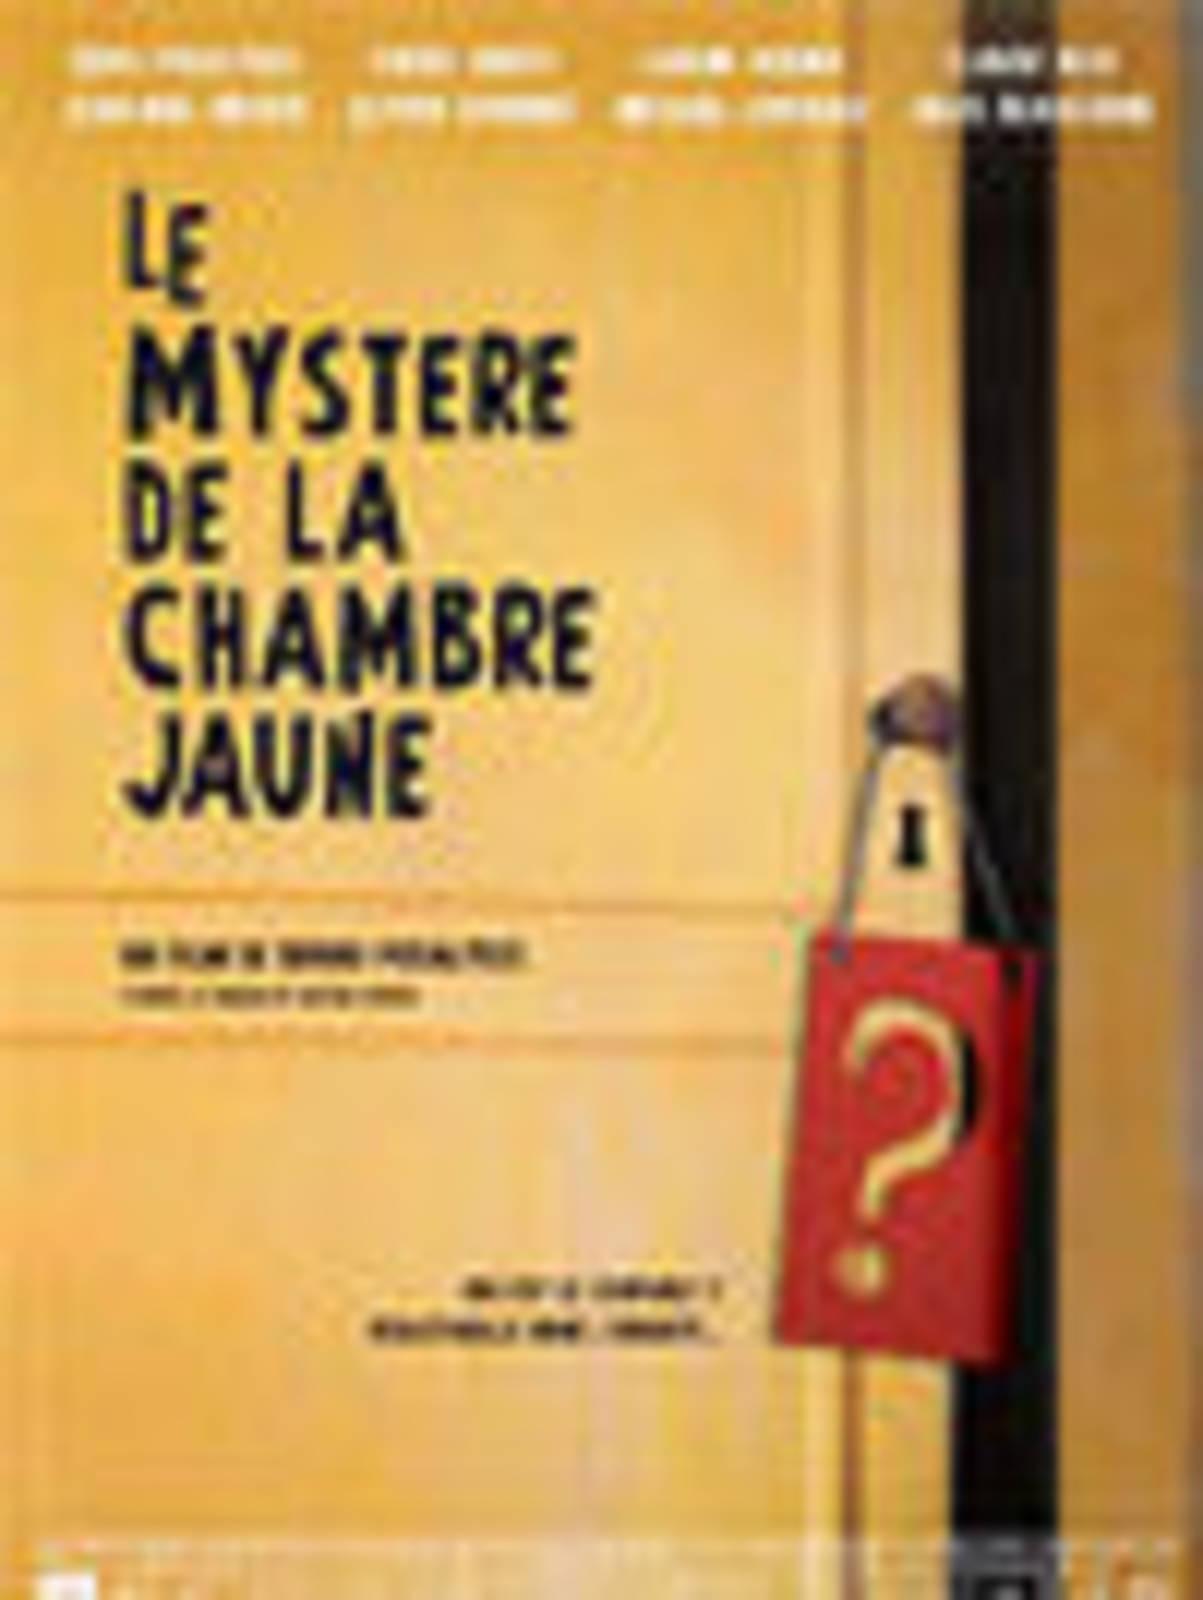 Le myst¨re de la chambre jaune Cineman